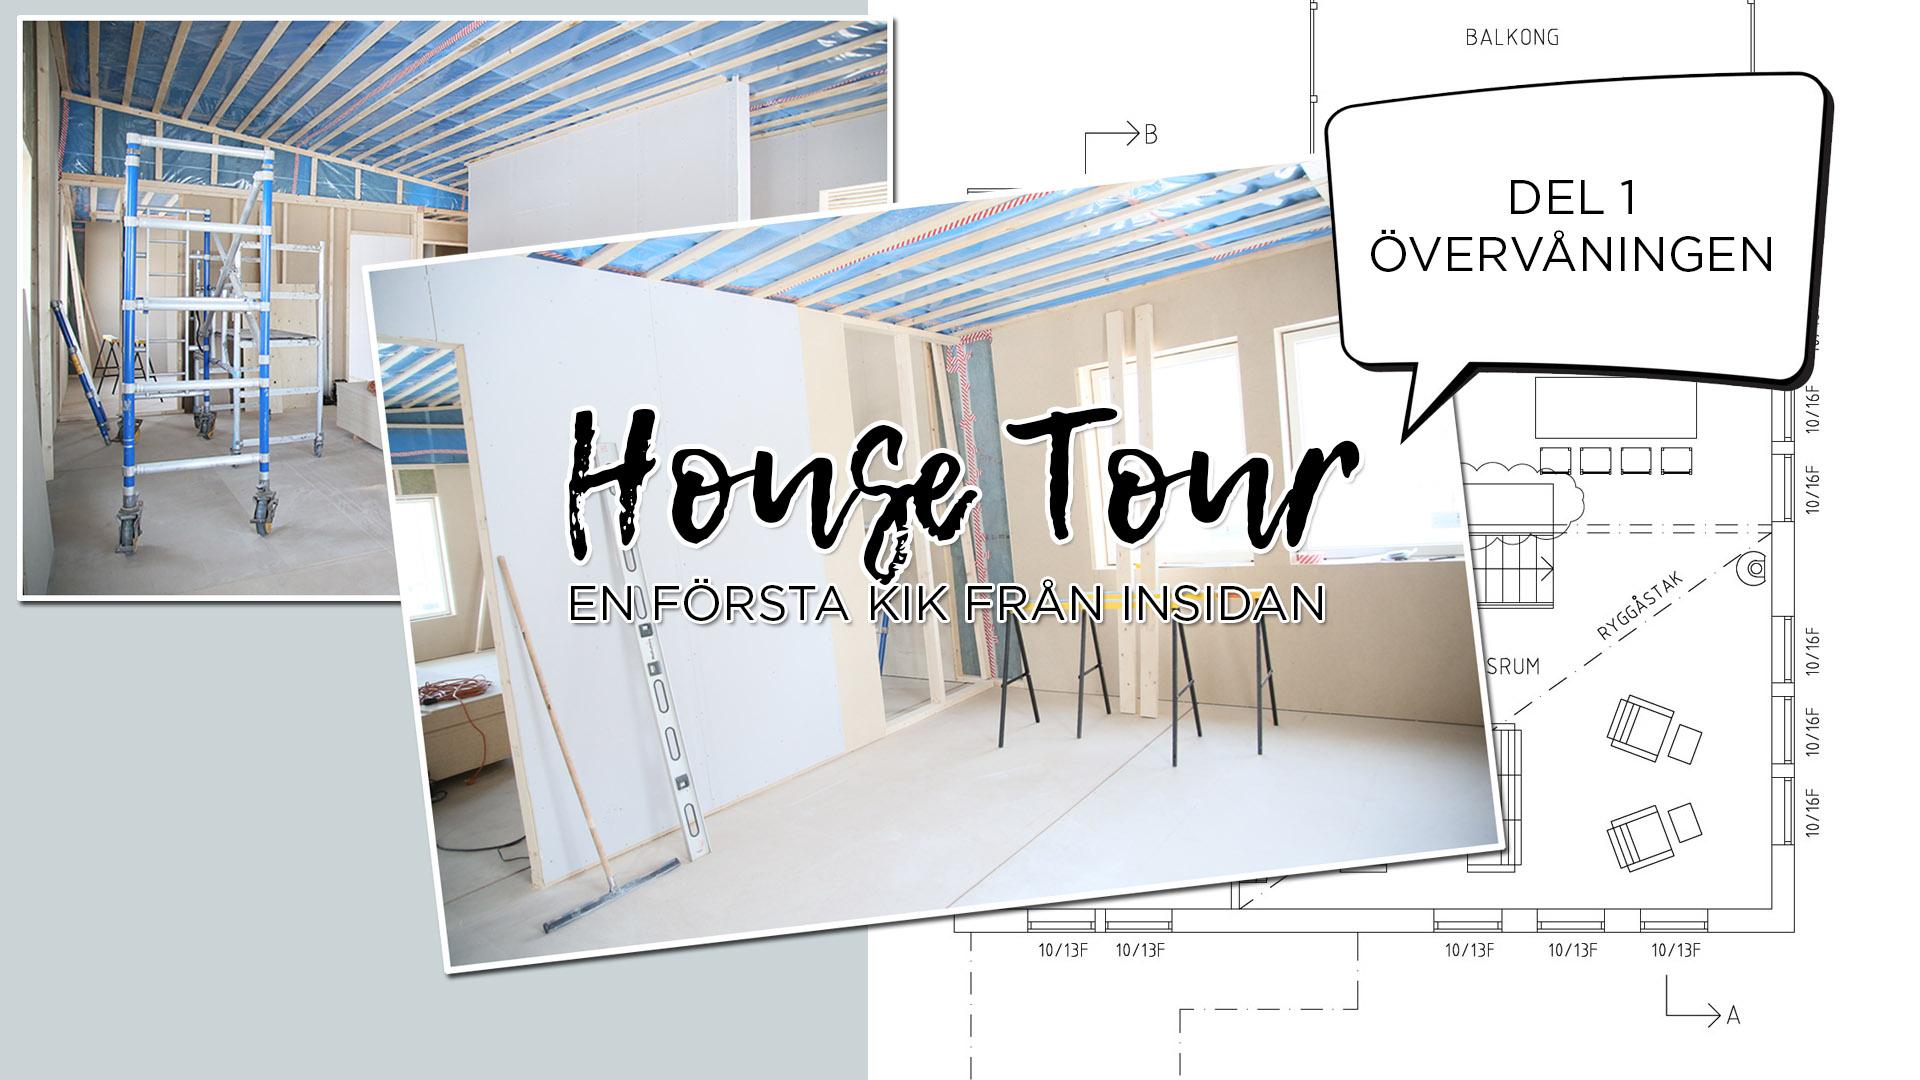 #6 Housetour - del 1